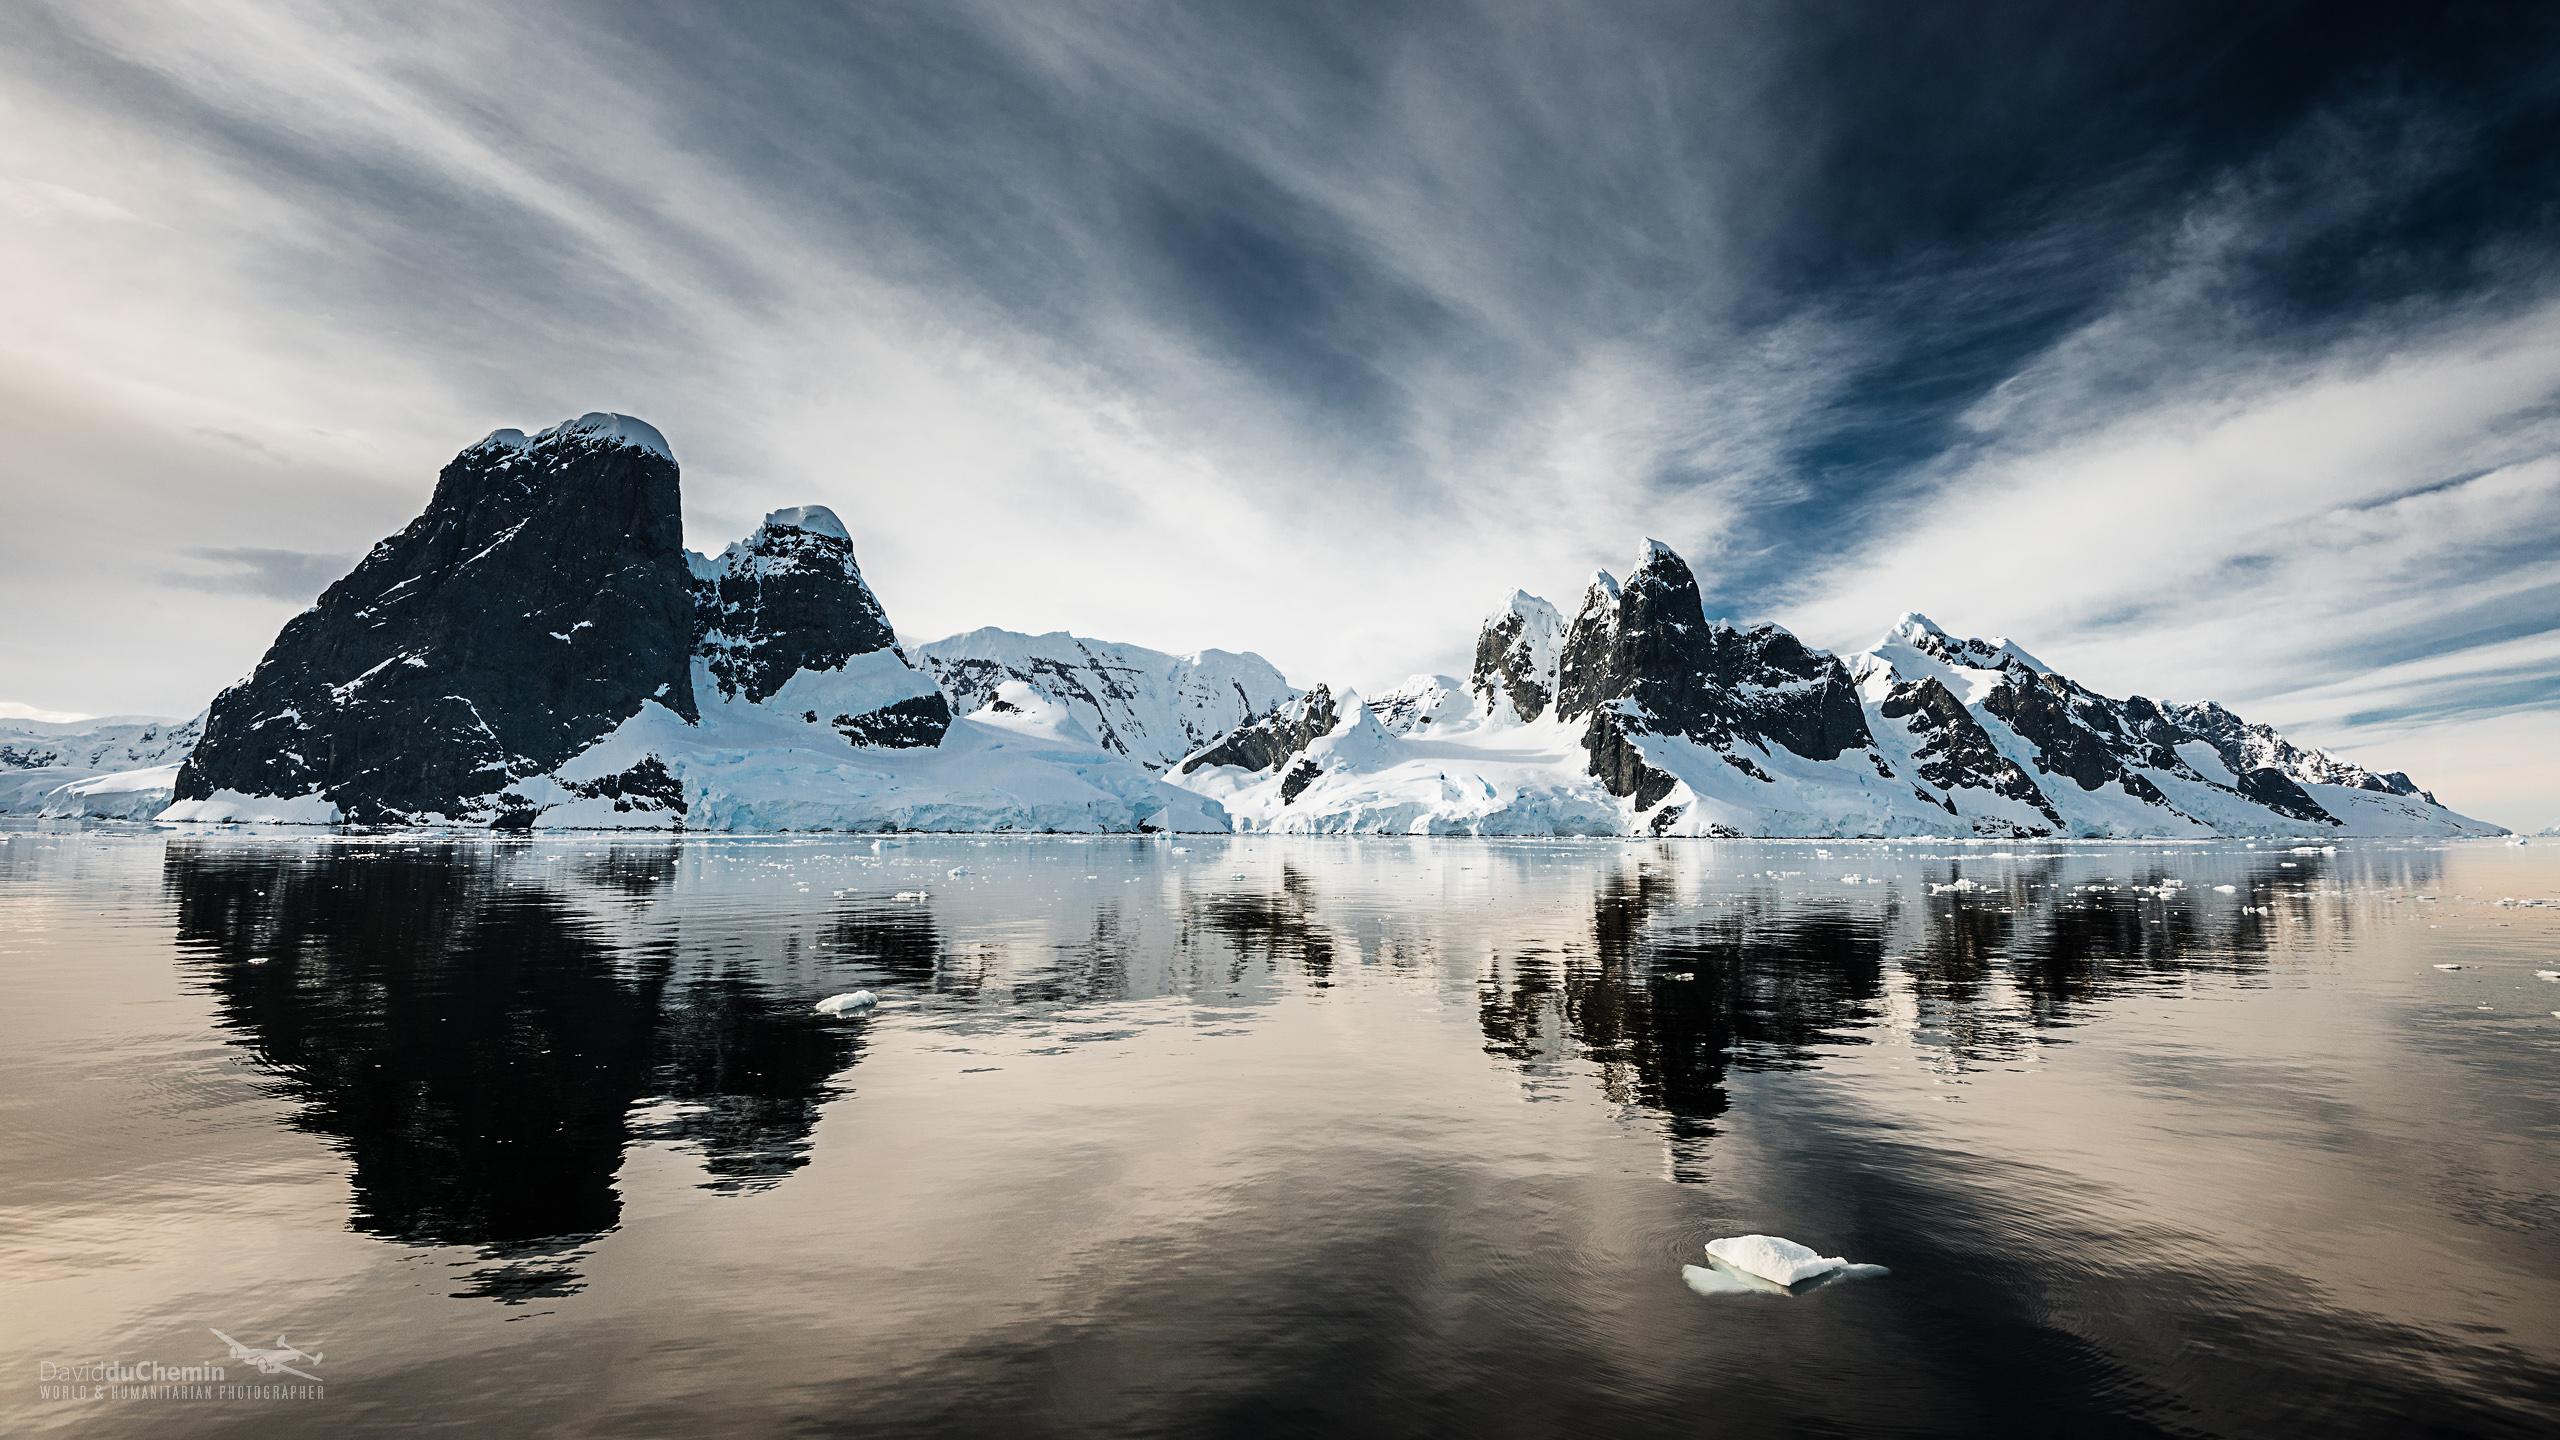 3d Galaxy Wallpaper Widescreen Desktop Wallpapers Antarctica David Duchemin World